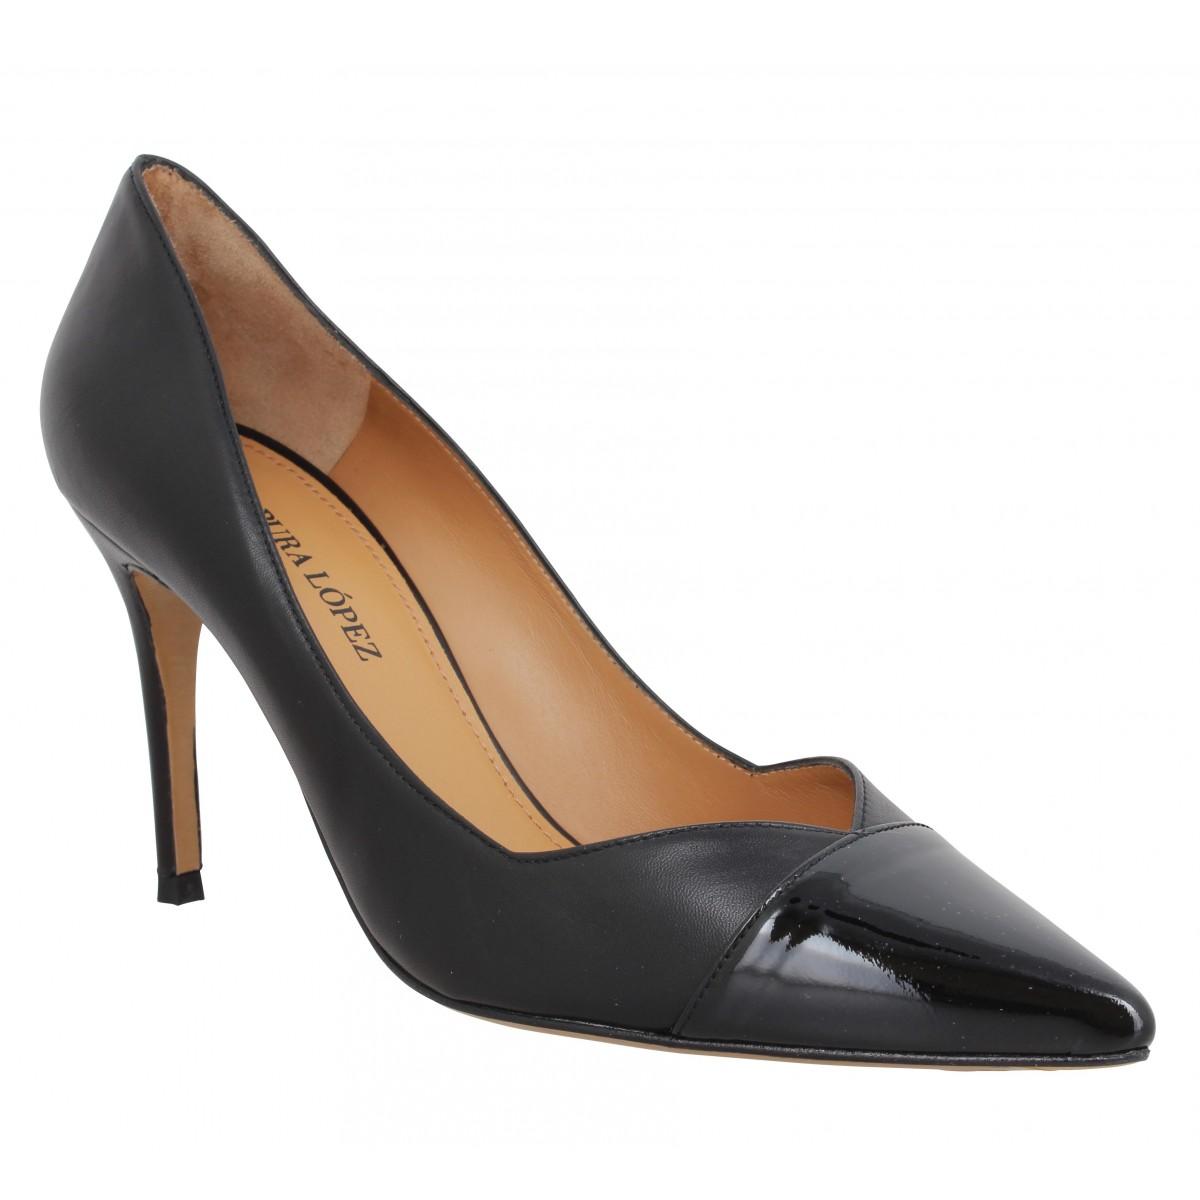 Escarpins PURA LOPEZ AP127 cuir Femme Noir